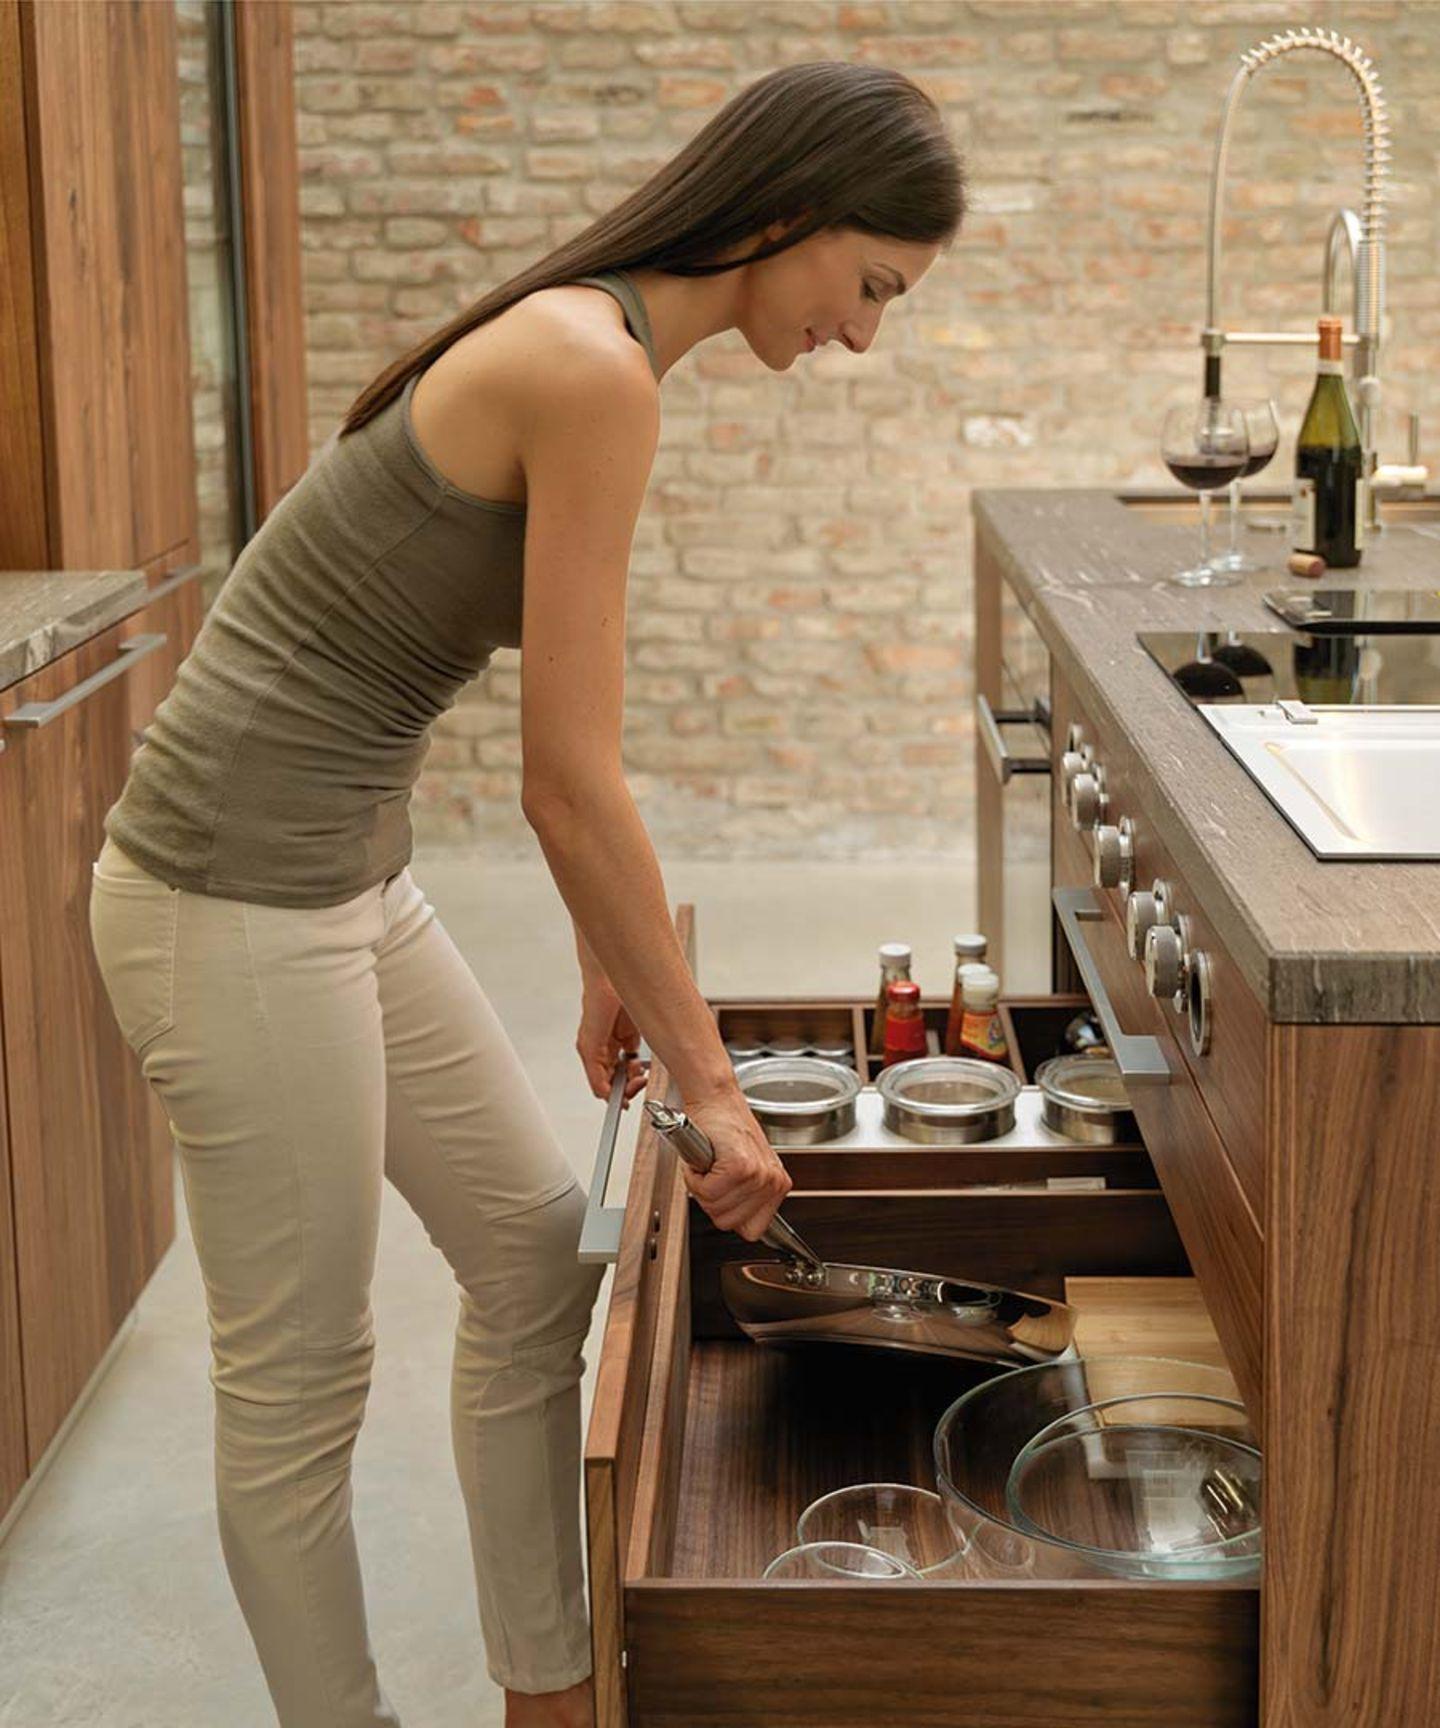 Cucina in legno naturale loft con pratica suddivisione interna dei cassetti